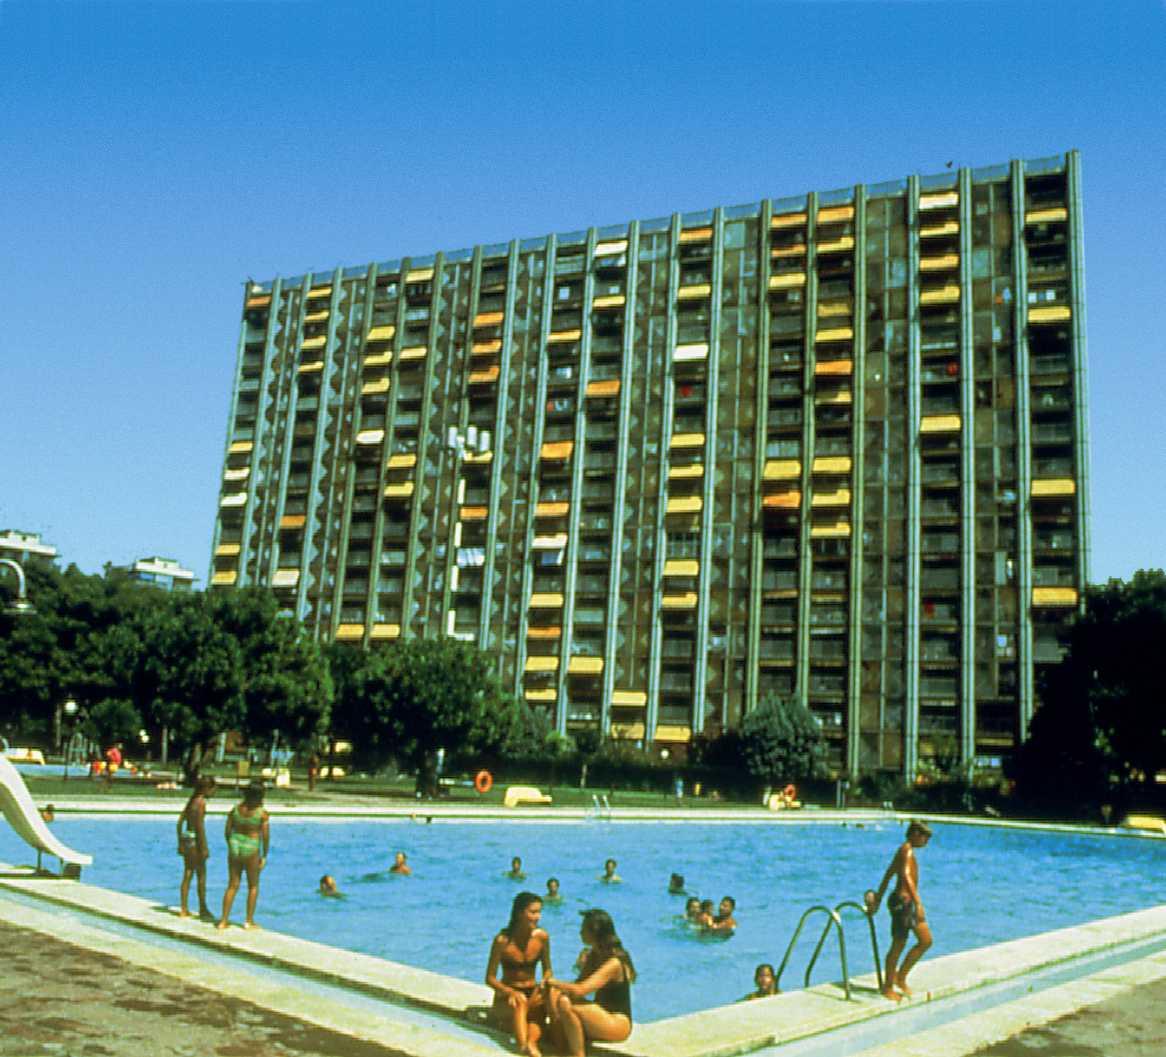 Ofertas apartamentos y hoteles alquiler apartamento benicasim en invierno - Alquilar apartamento vacaciones ...